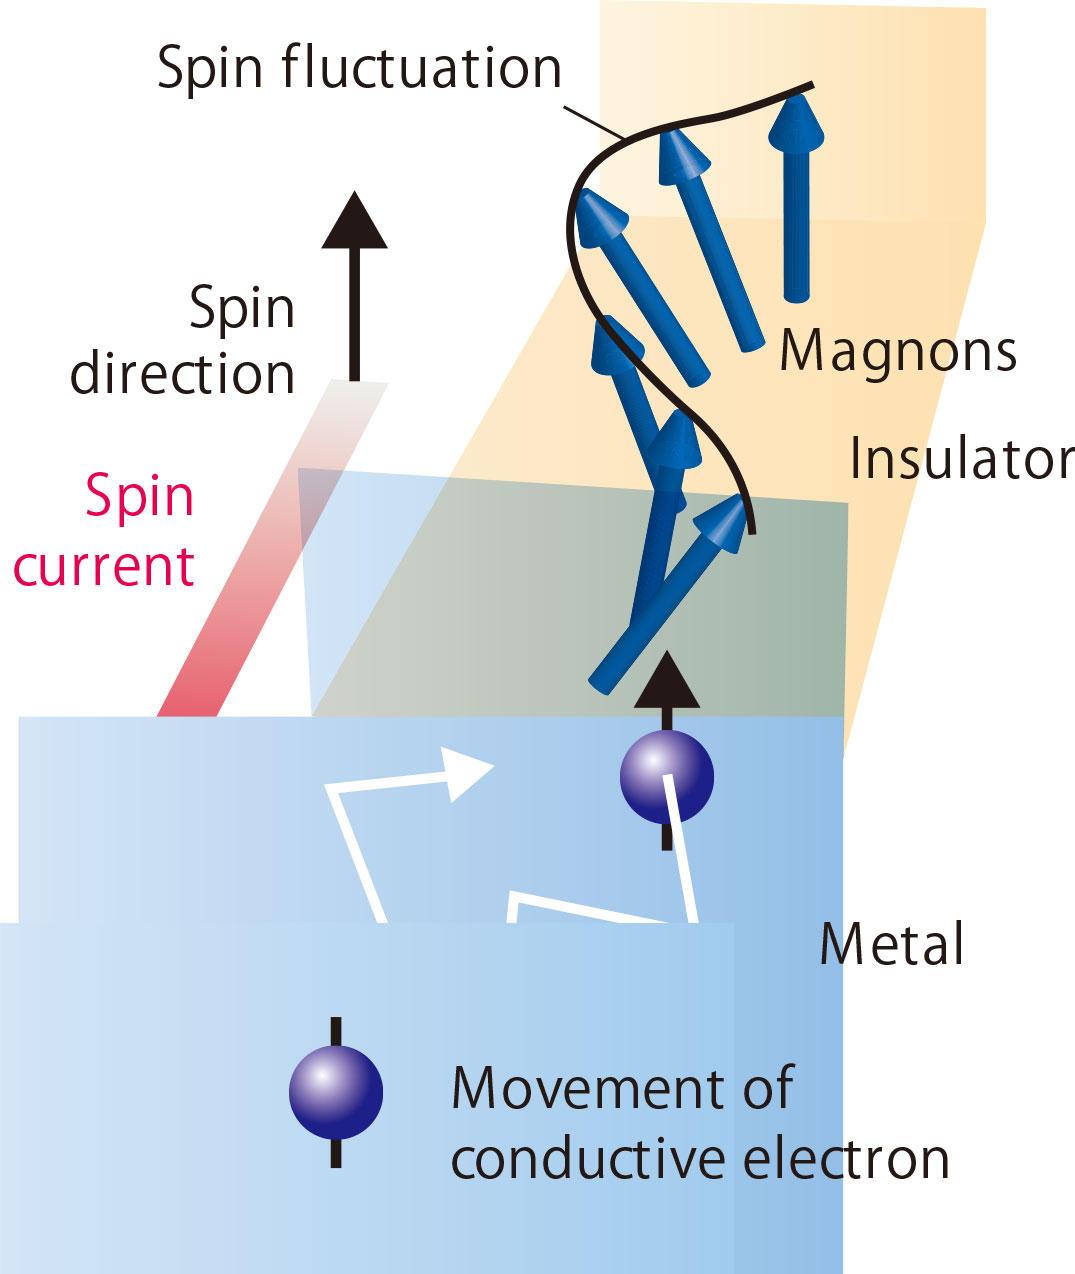 慶應理工のスピン量子物性次世代電子技術の物理基盤